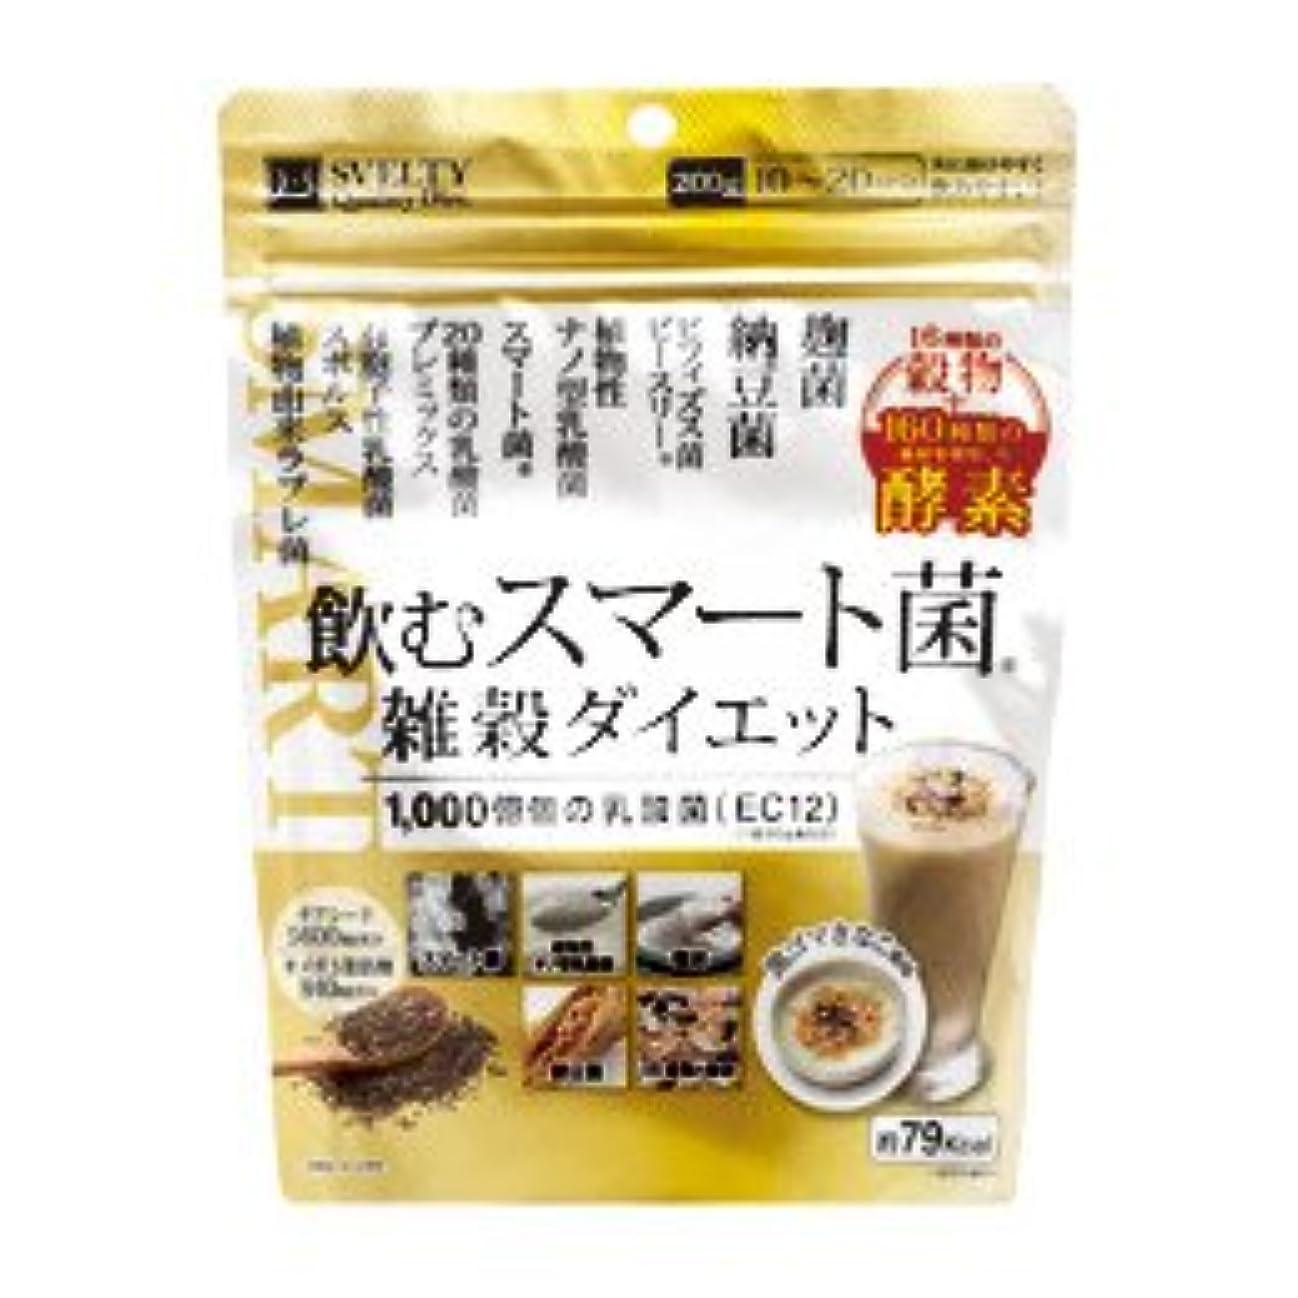 保安用量フォークイムノス 飲むスマート菌 雑穀ダイエット 200g×36個